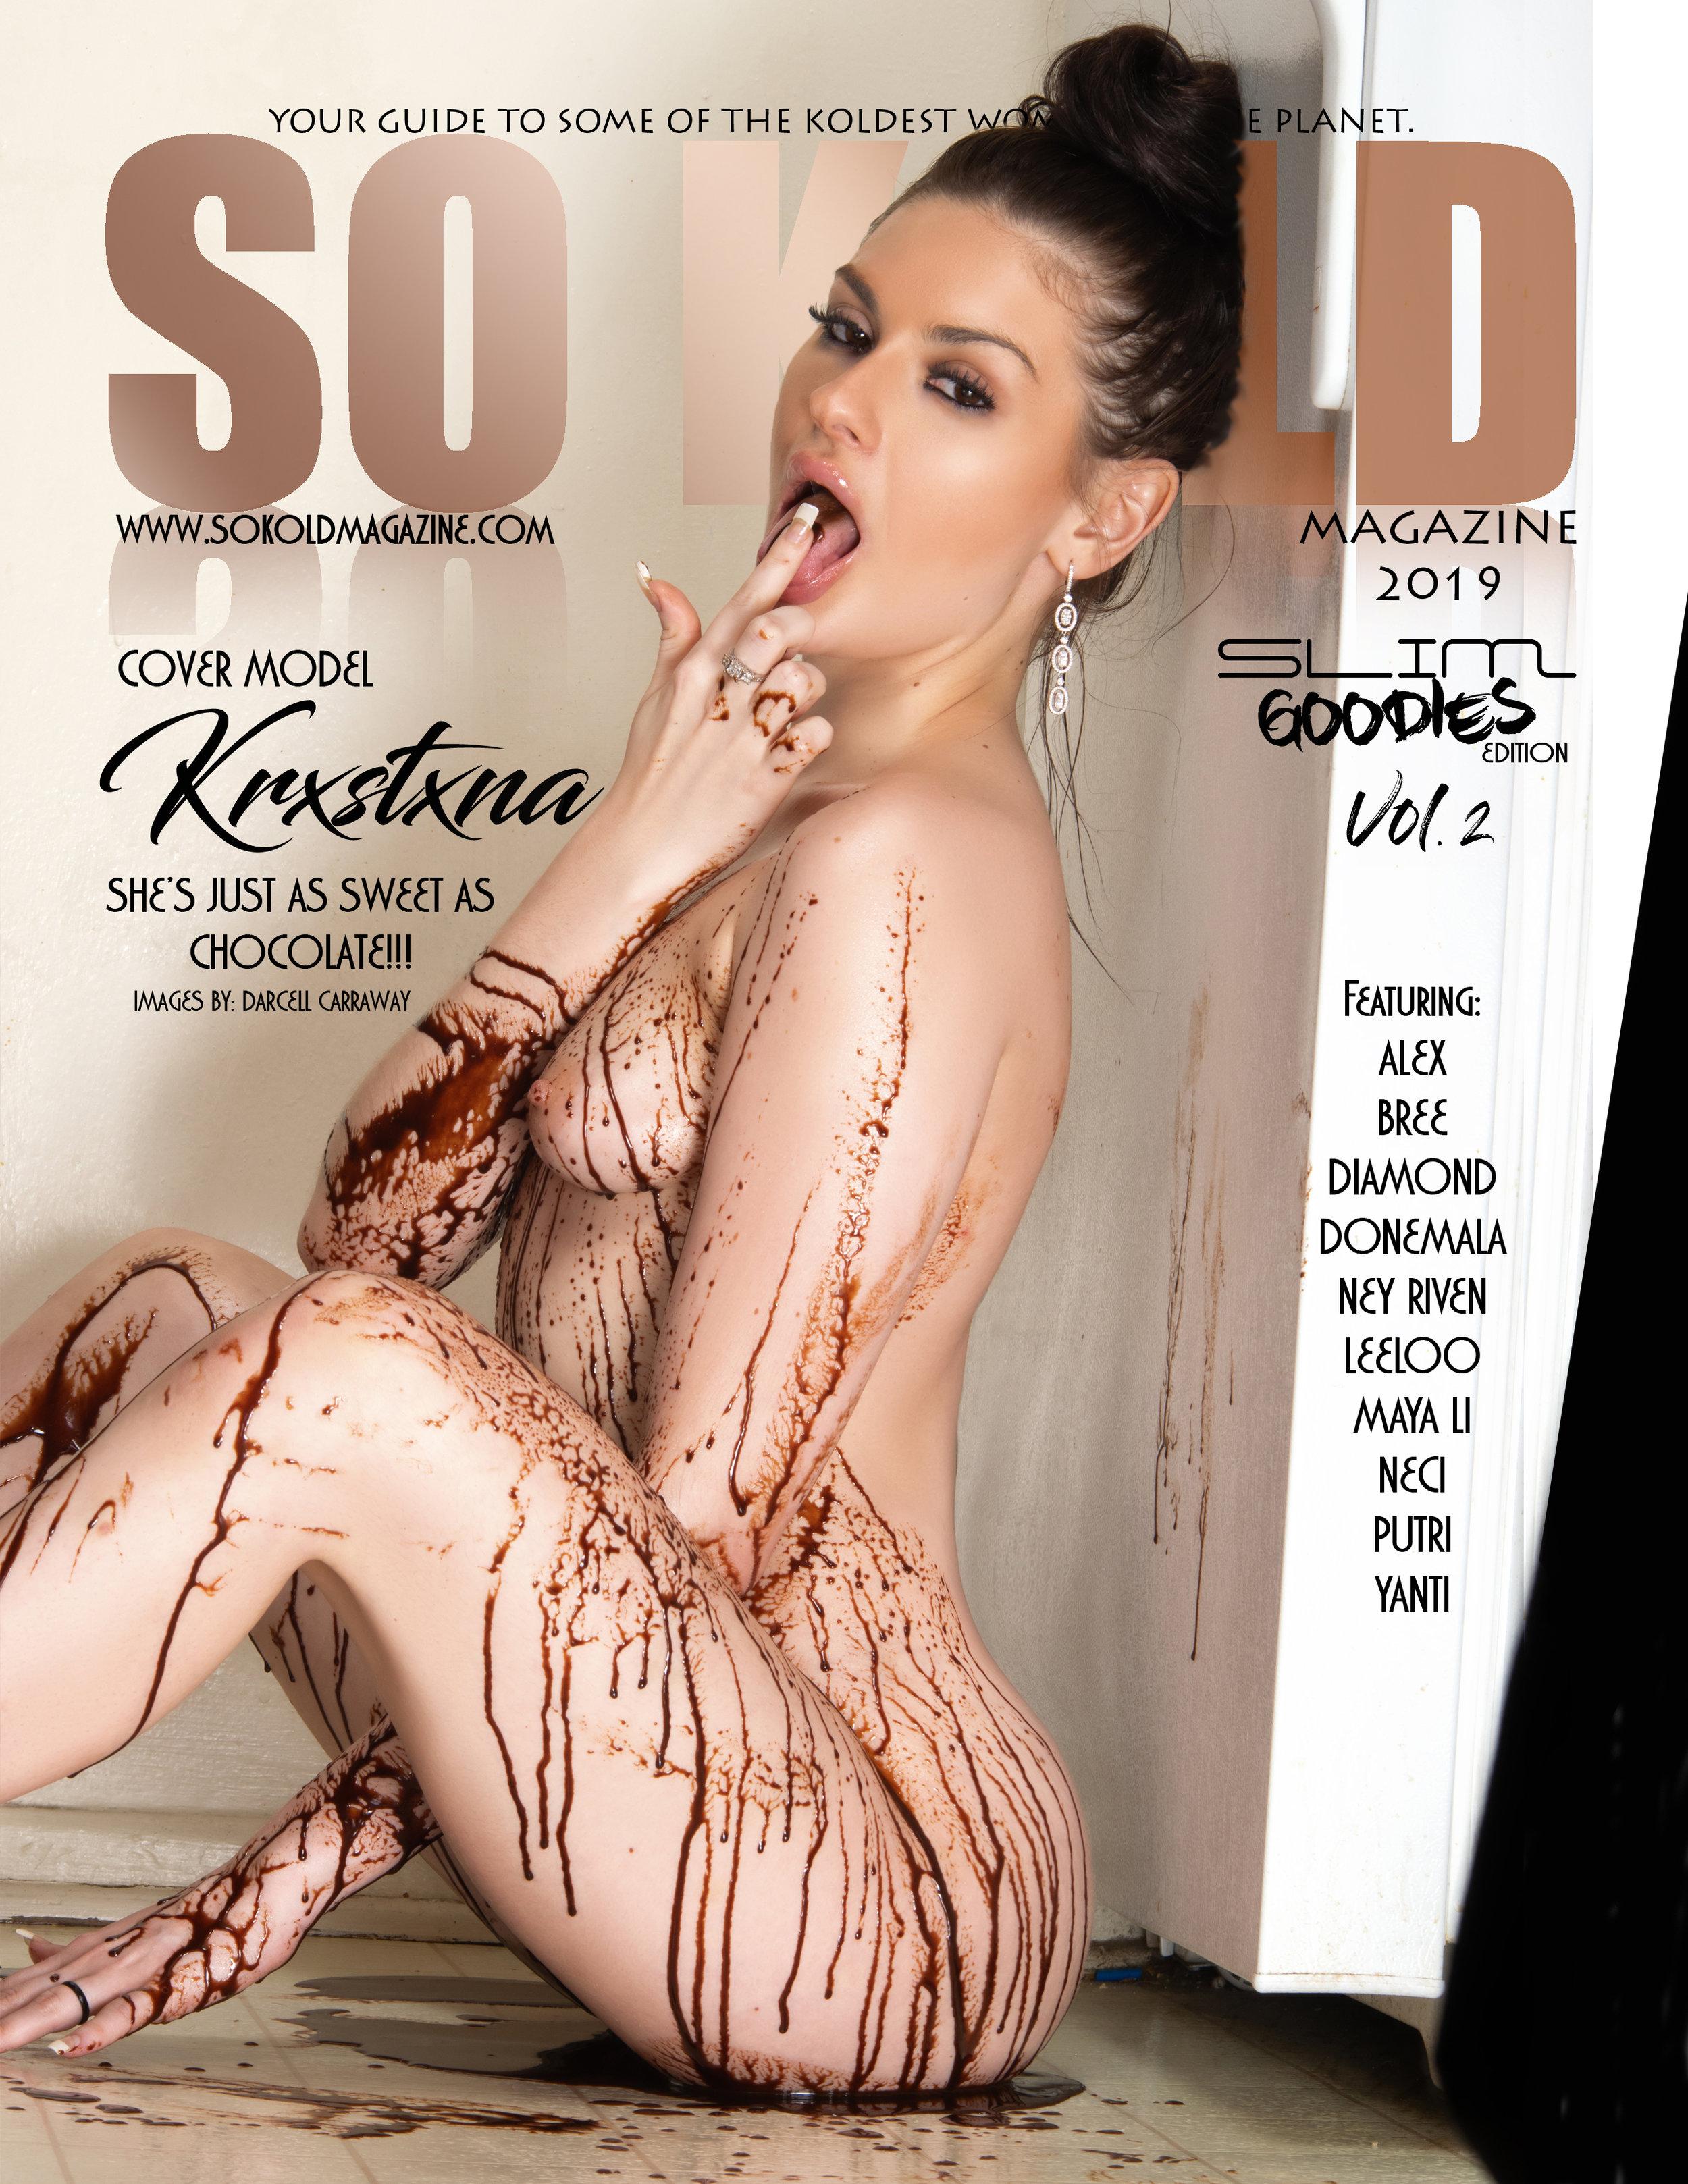 SO KOLD MAG SLIM GOODIES 2 COVER - KRXSTXNA copy.jpg